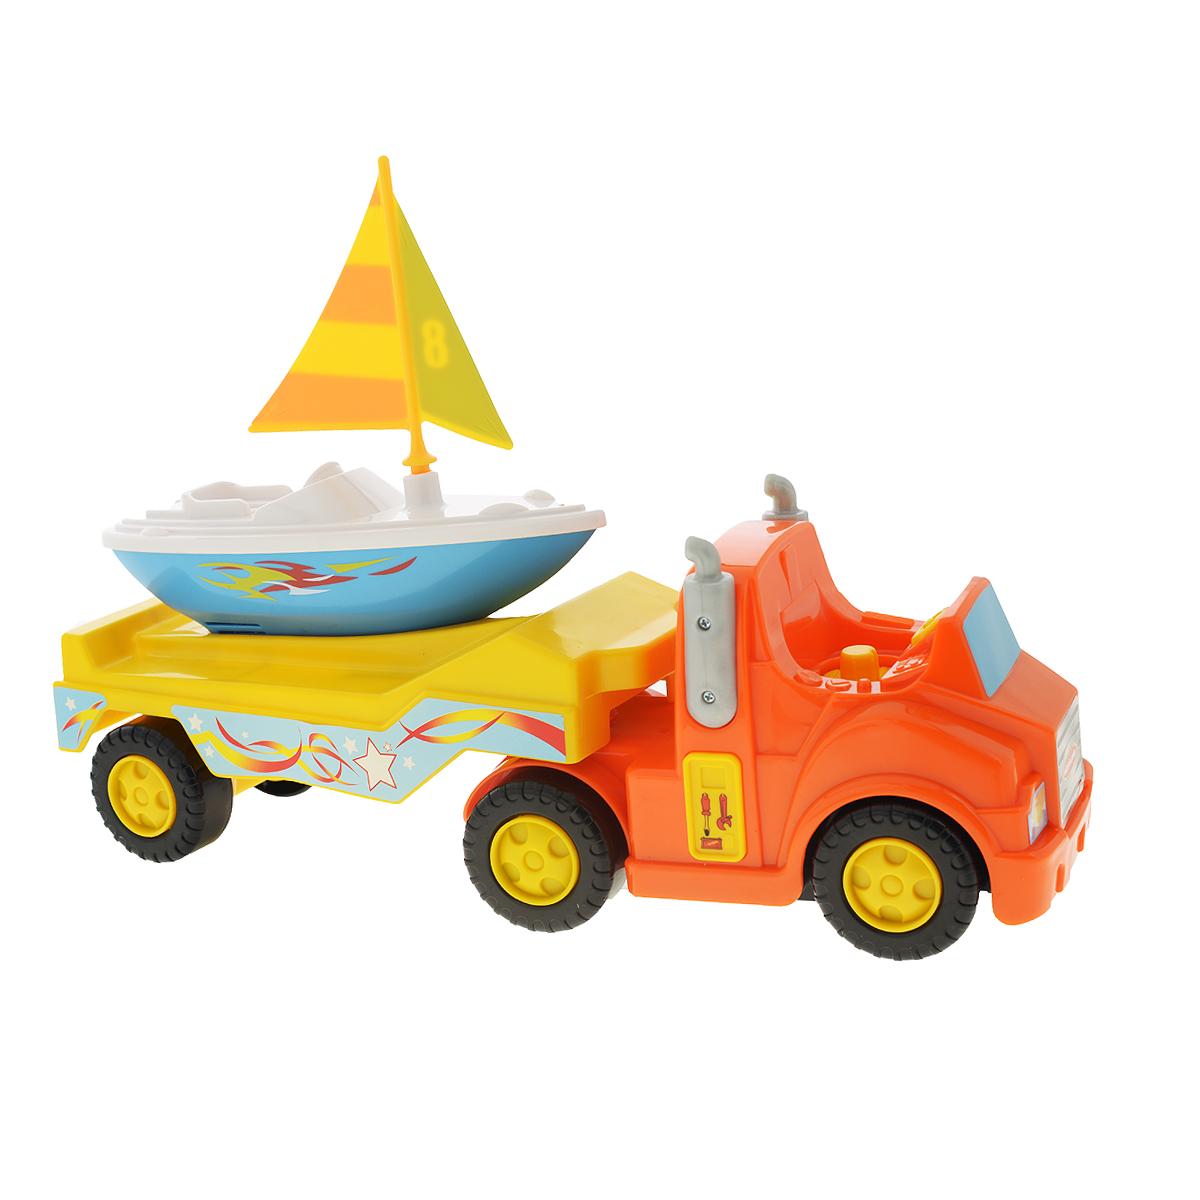 Kiddieland Развивающая игрушка Трейлер с яхтой радиоуправляемые игрушки kiddieland развивающая игрушка жираф с пультом упр